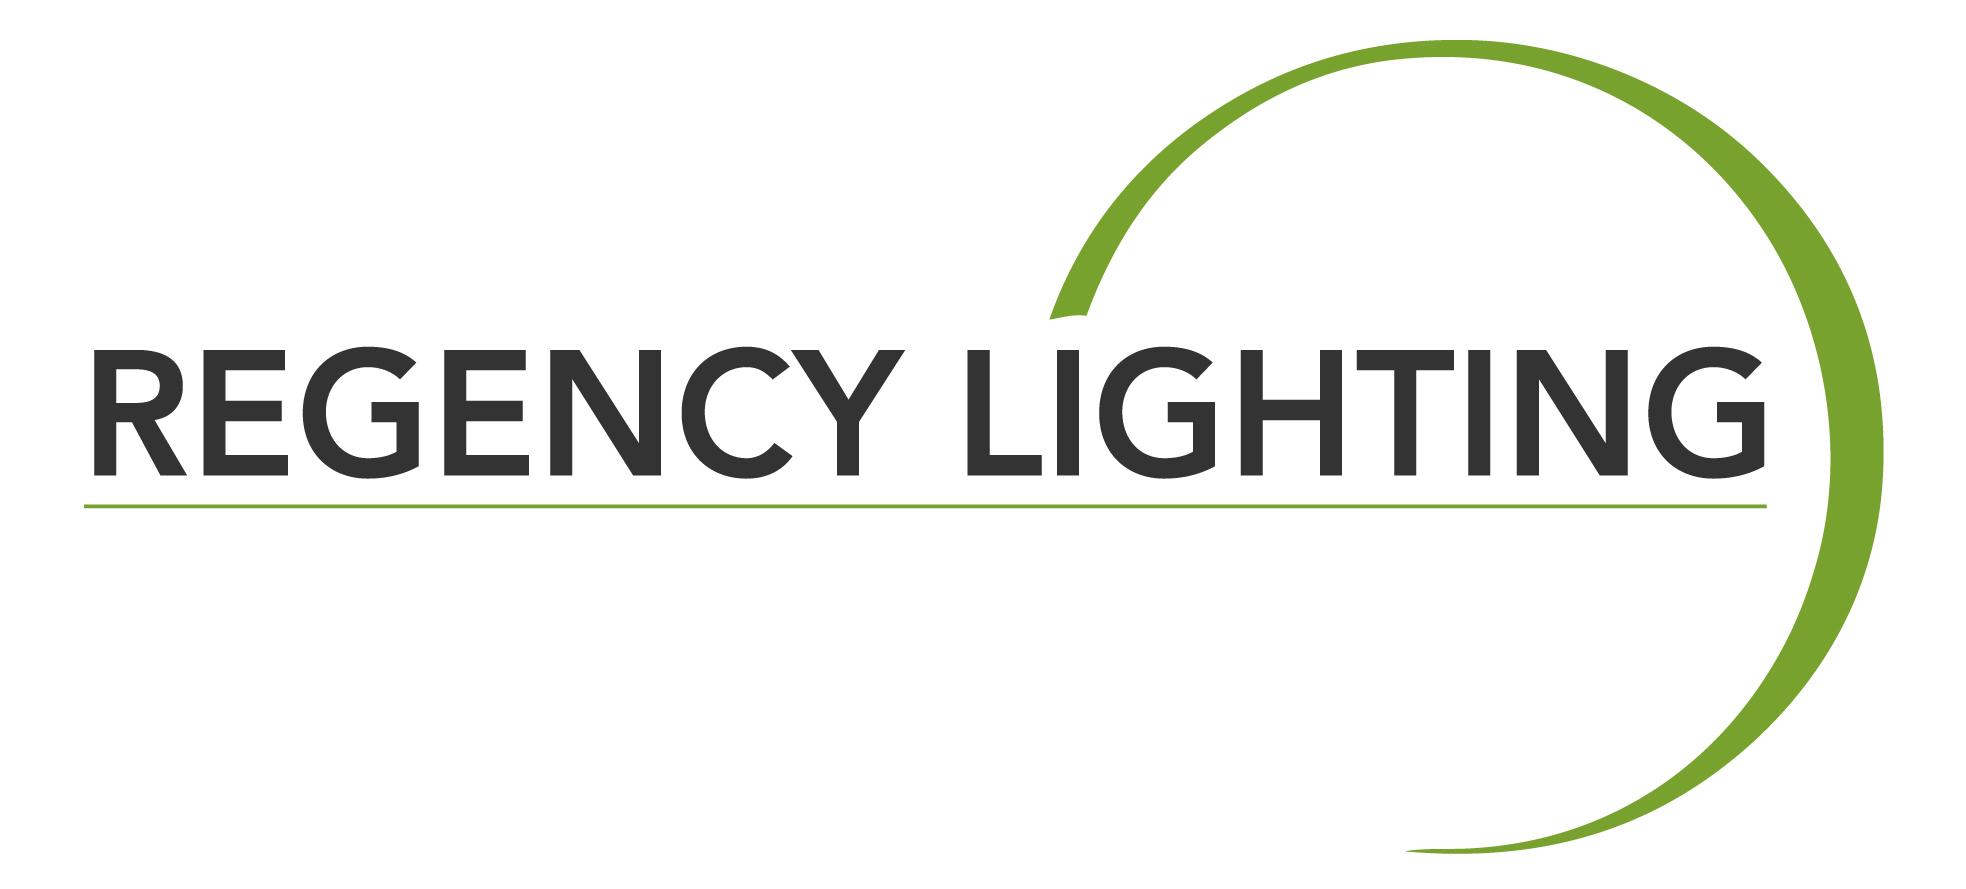 Regency Lighting  sc 1 st  ZipRecruiter & REGENCY LIGHTING Jobs Career u0026 Employment Opportunities azcodes.com